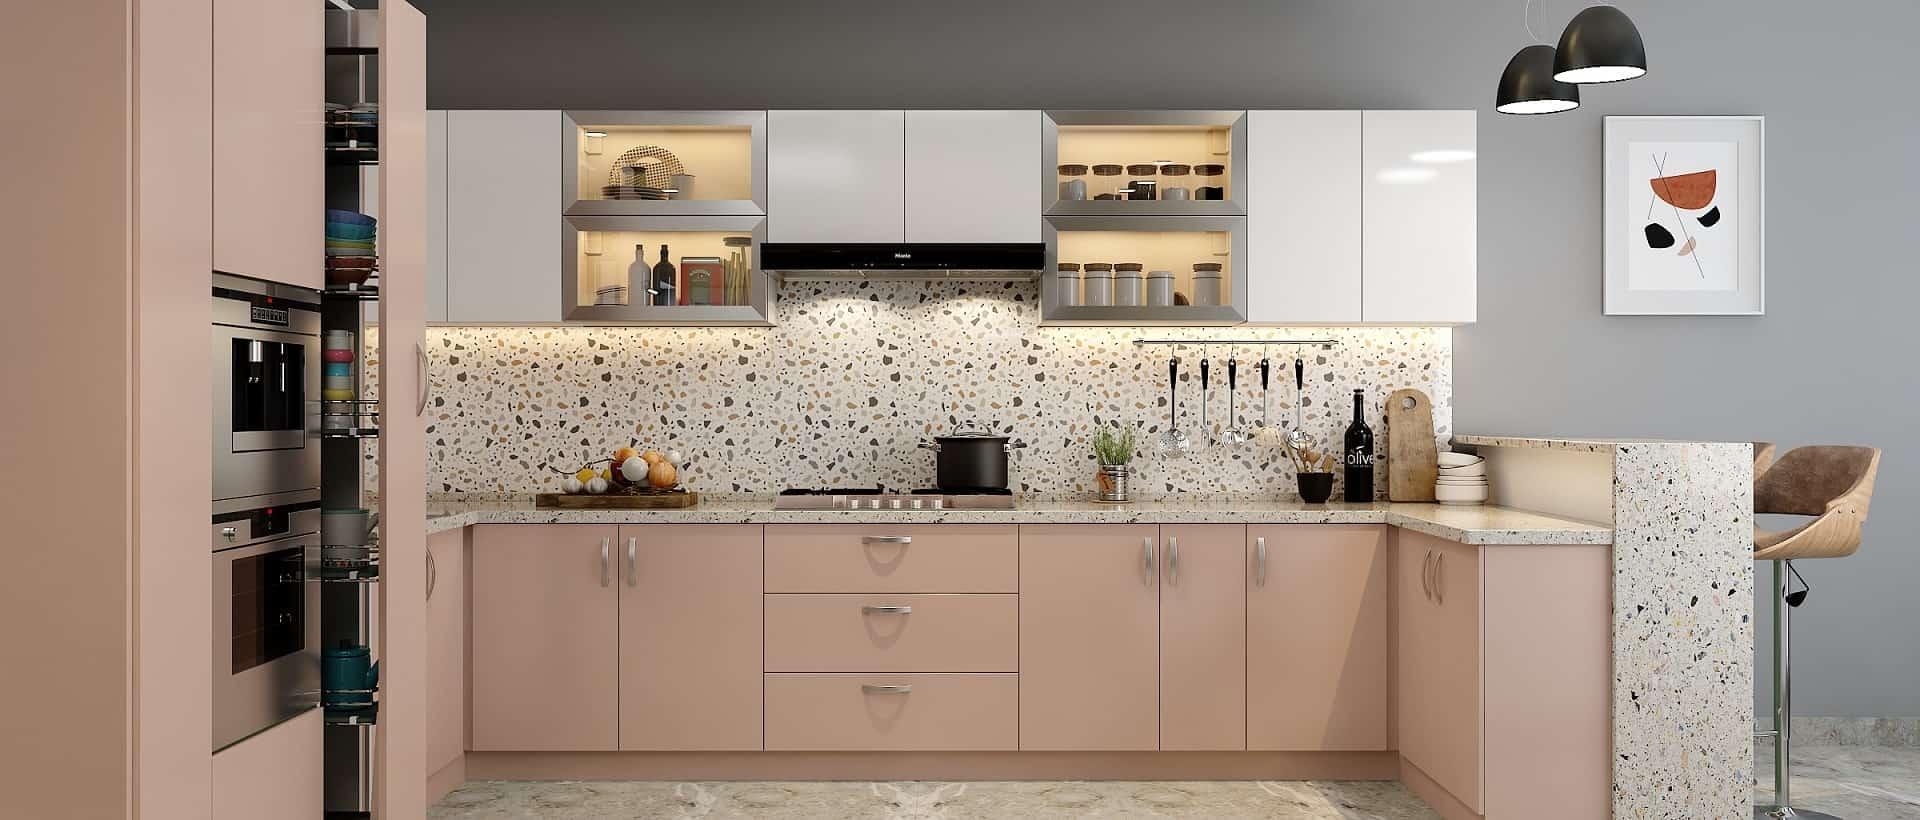 Home interiors by best interior design studio in India.